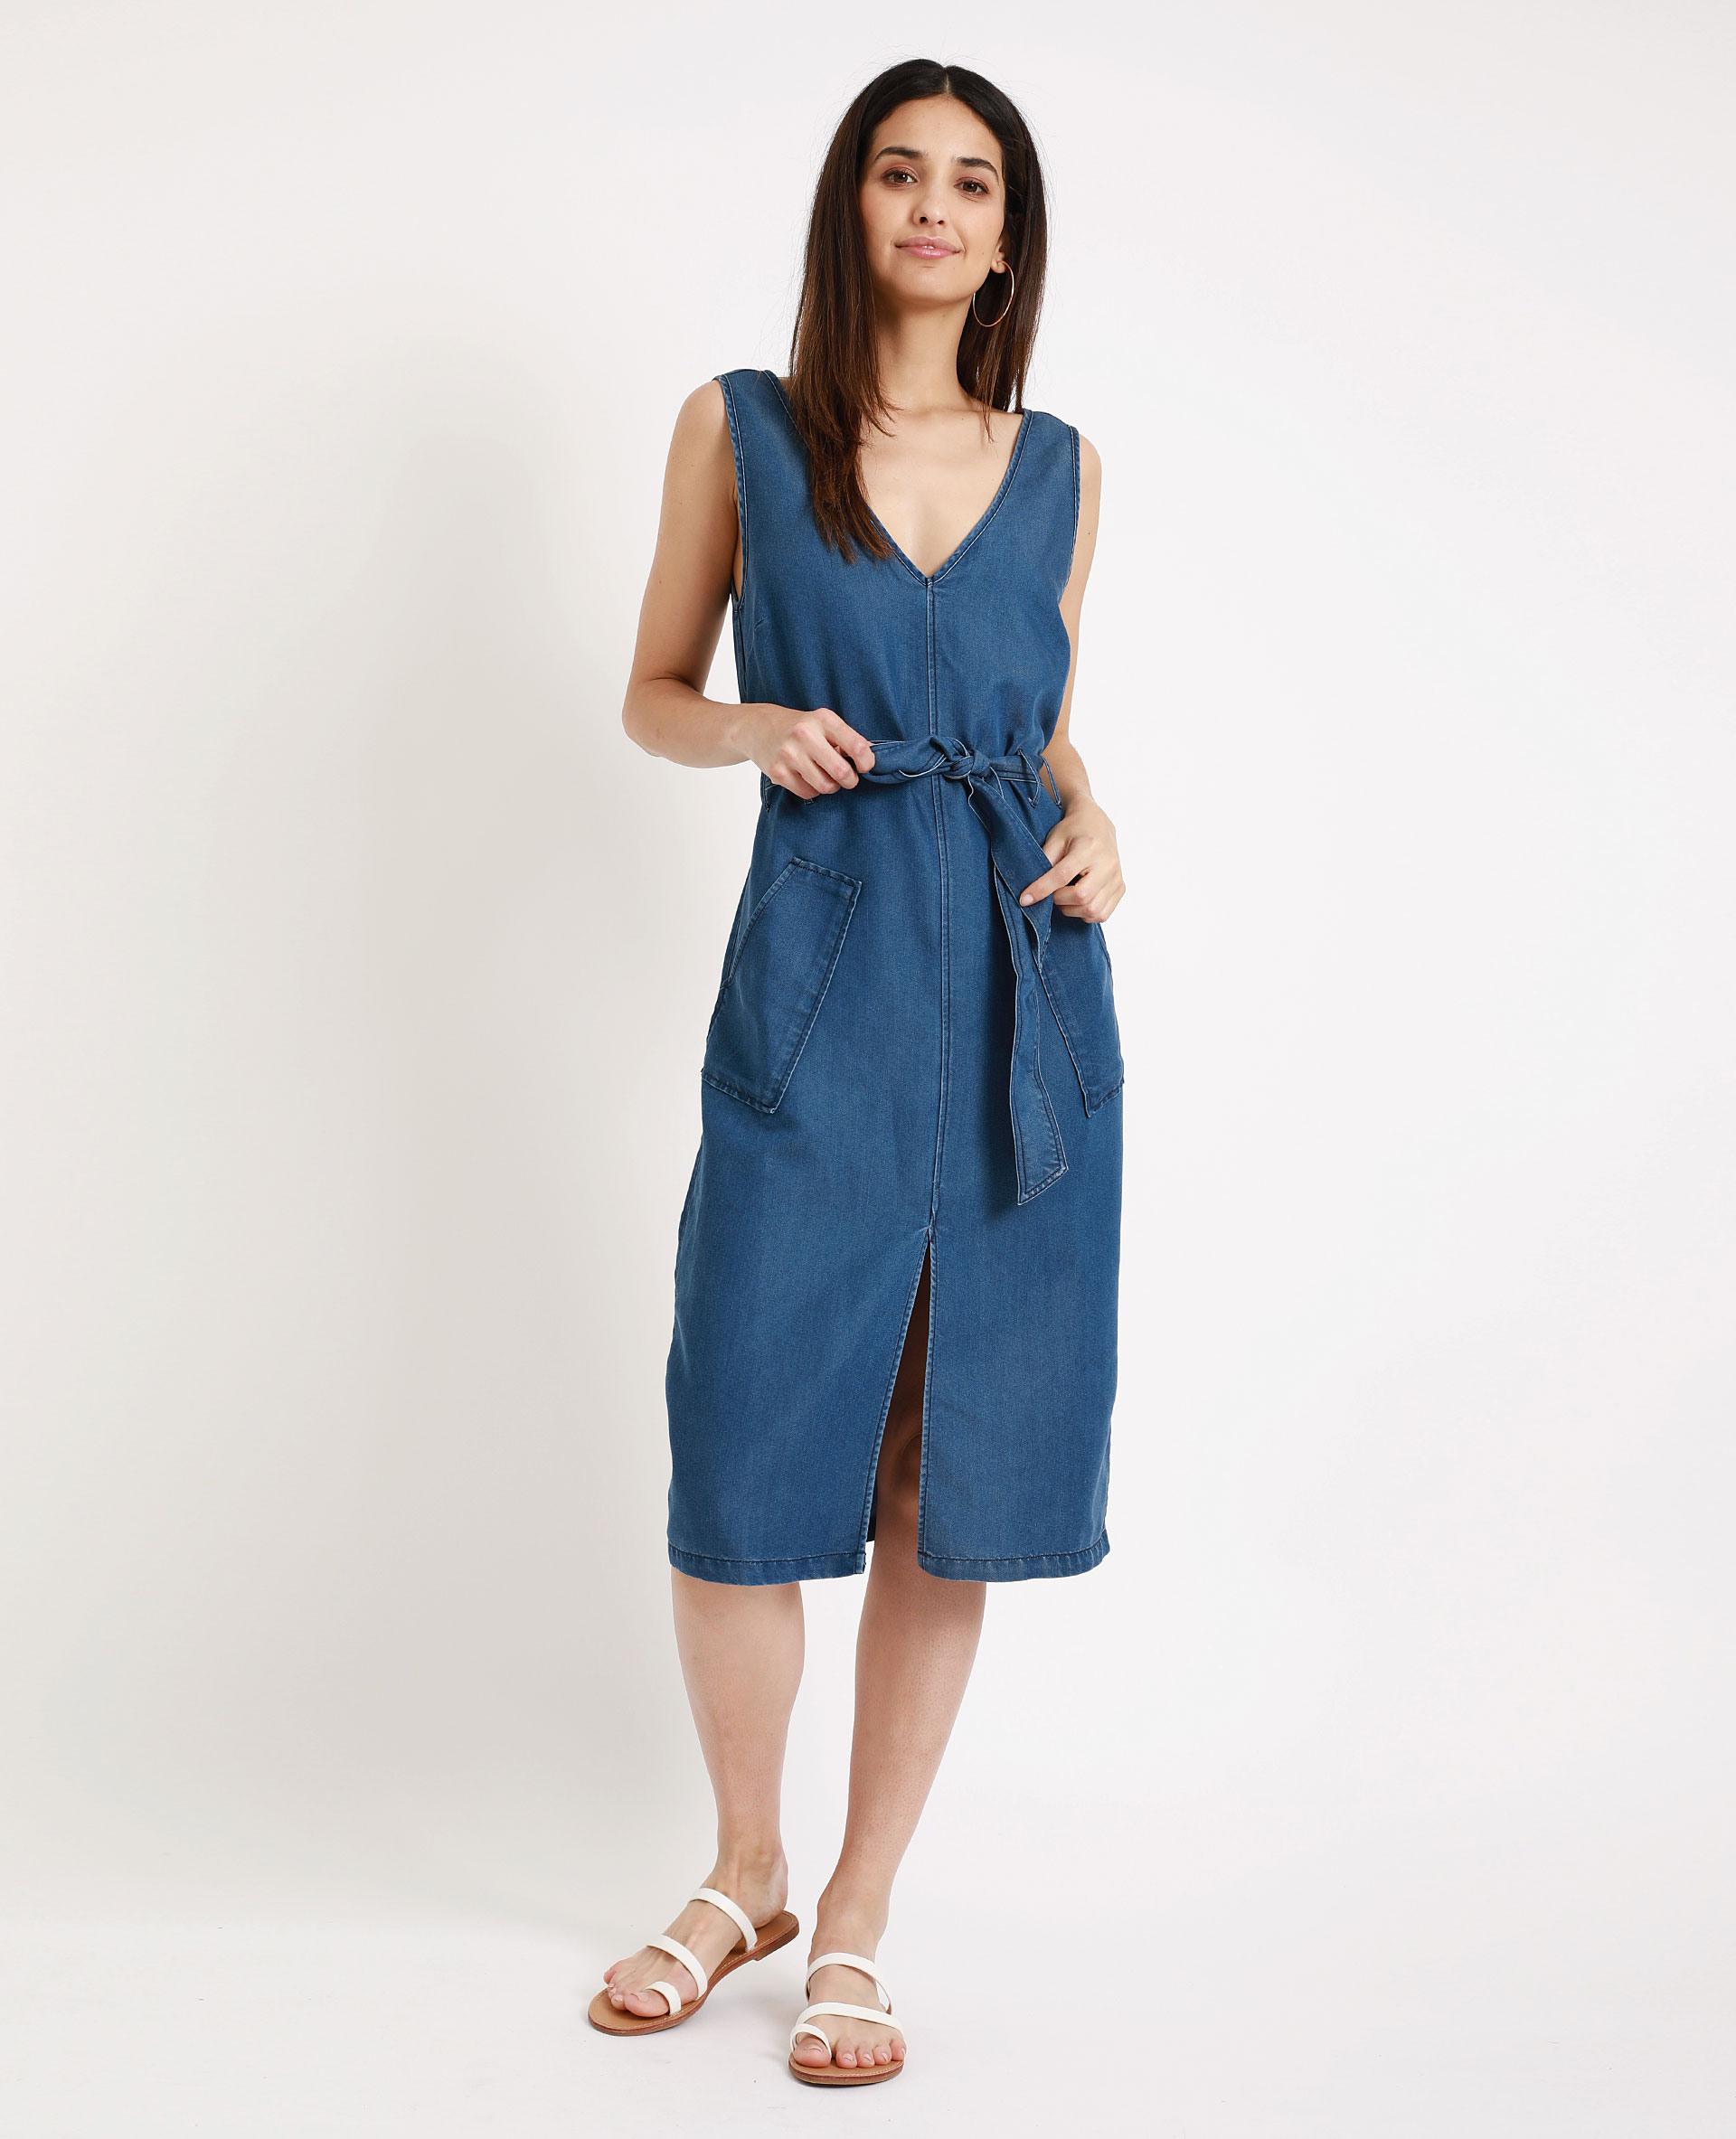 Langes Kleid Mit Vausschnitt Blau  781275681A06  Pimkie